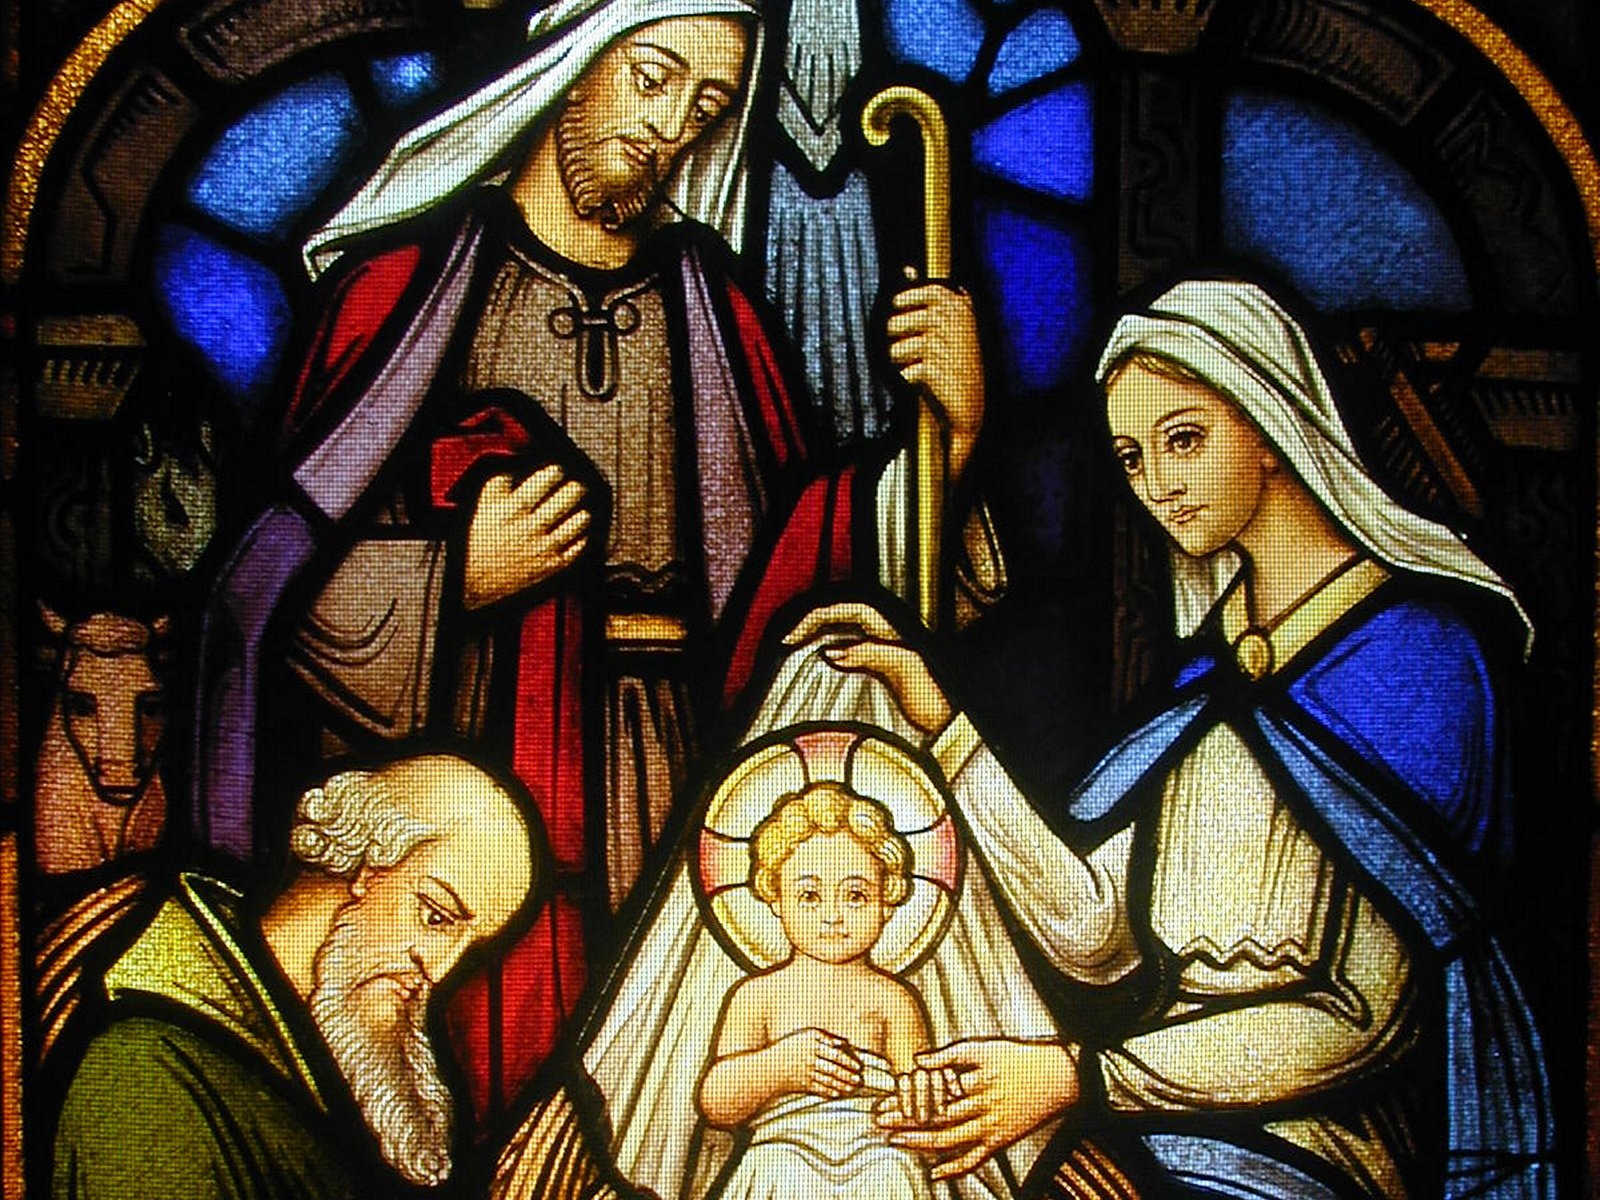 Free Nativity Scene Wallpaper - WallpaperSafari